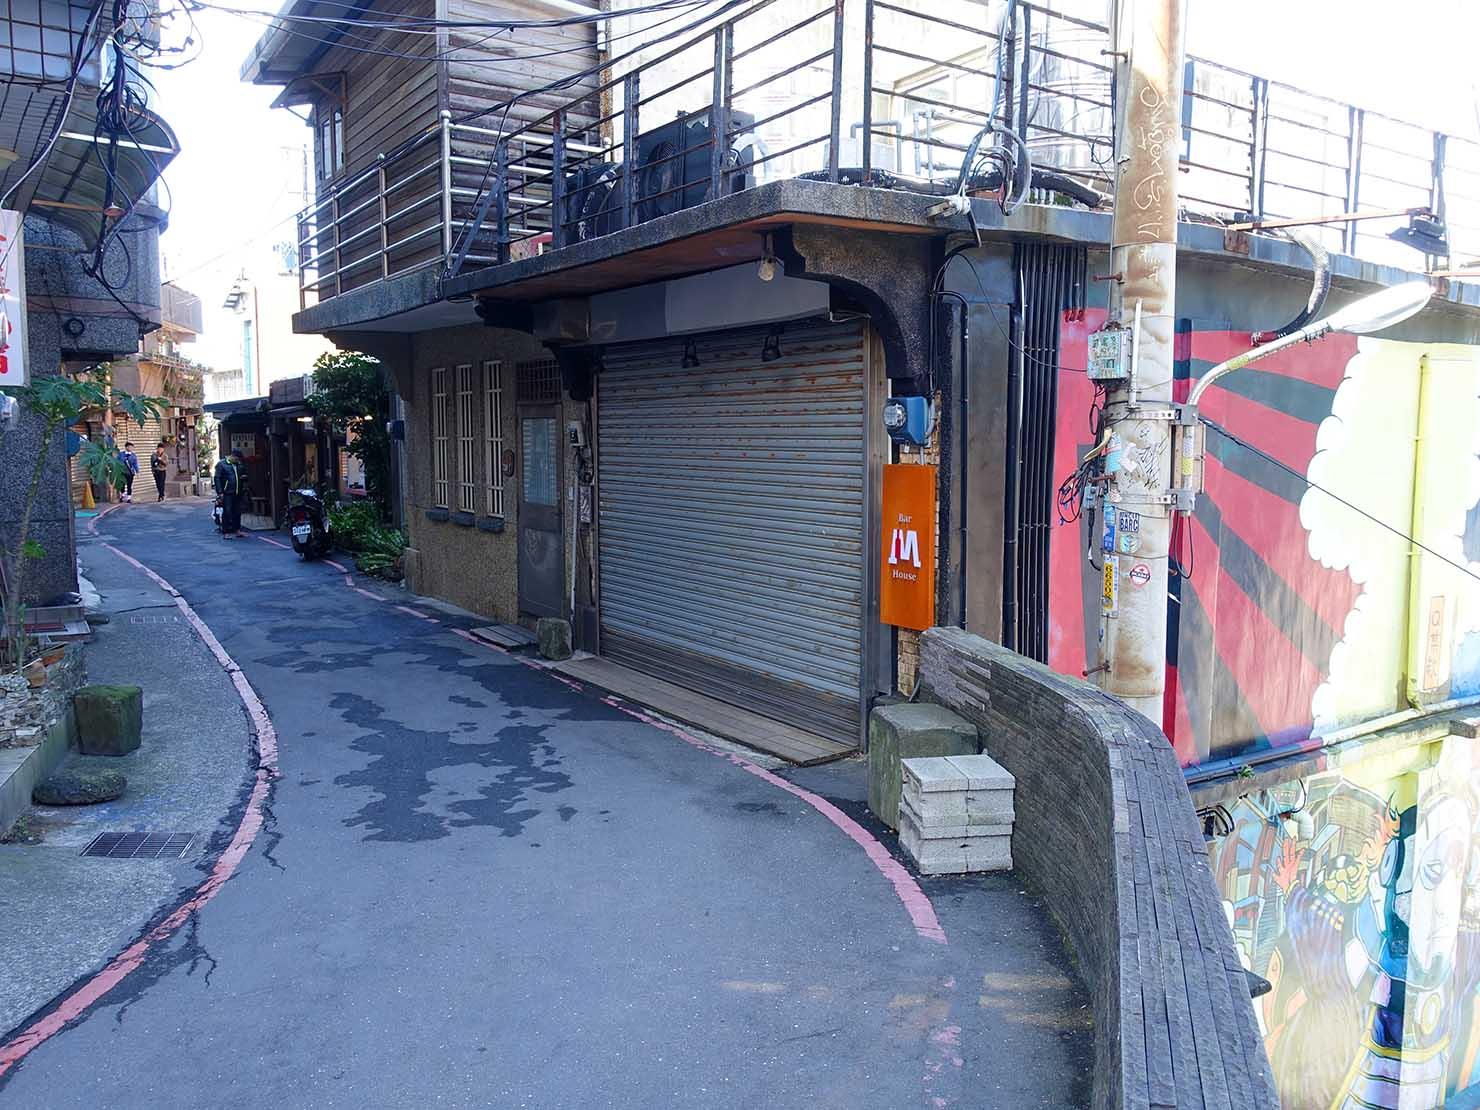 台北・九份の輕便路にあるペイントの施された建物